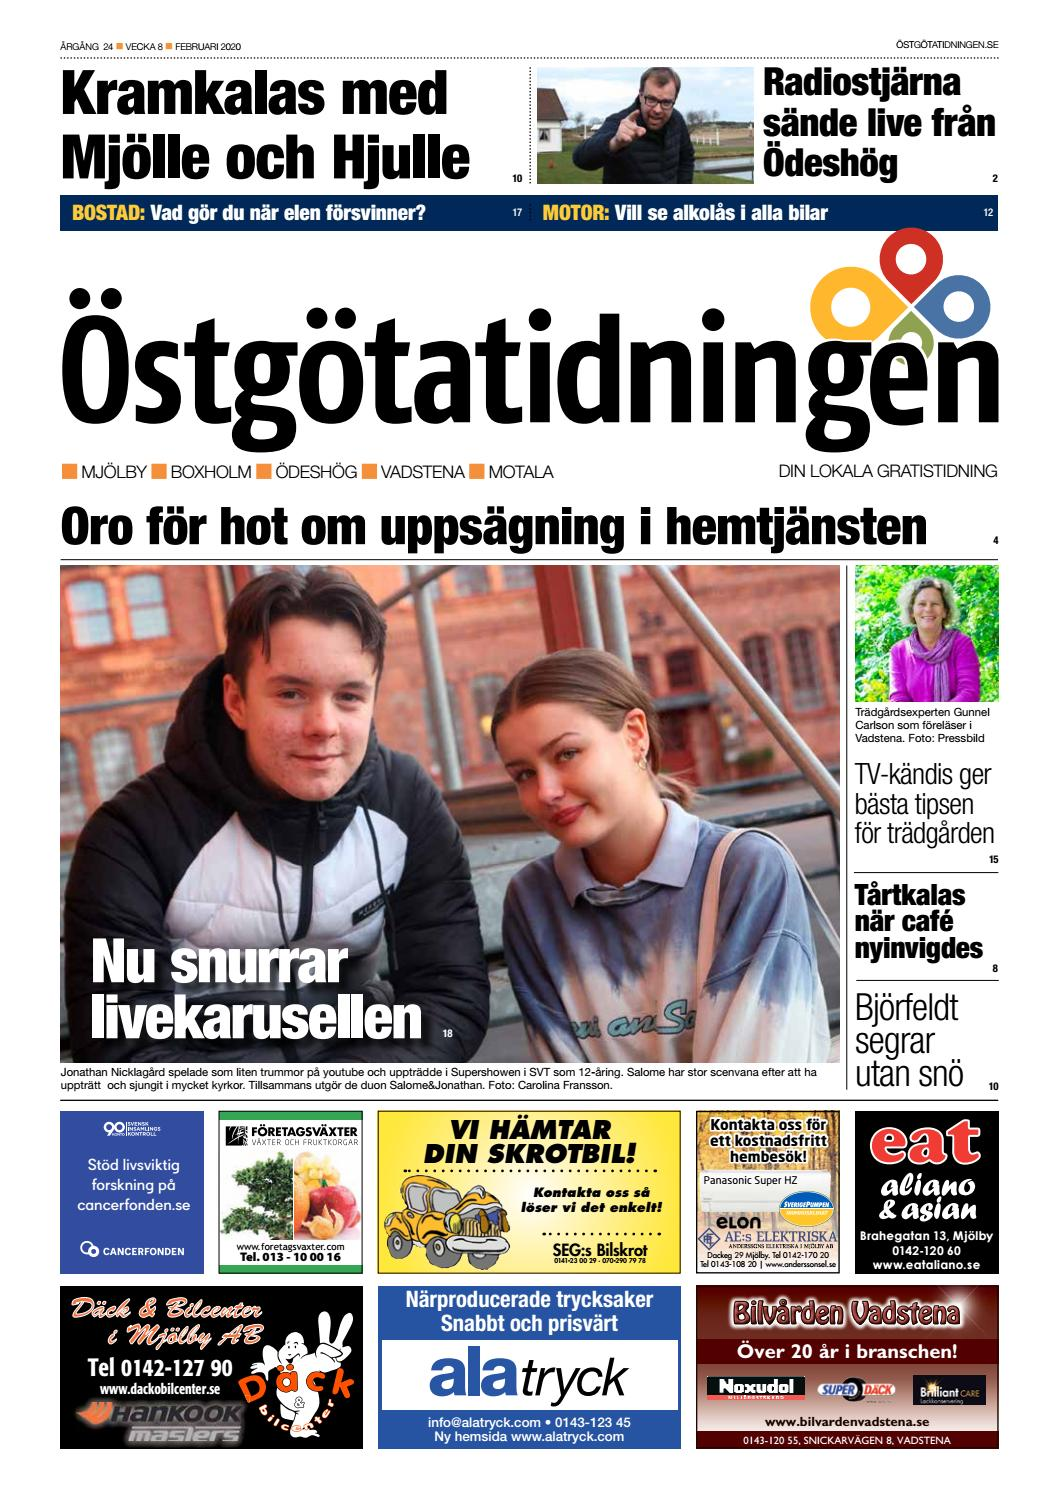 Gotland Kvinna Sker Man Mellan 30 Och 50 Mjlby